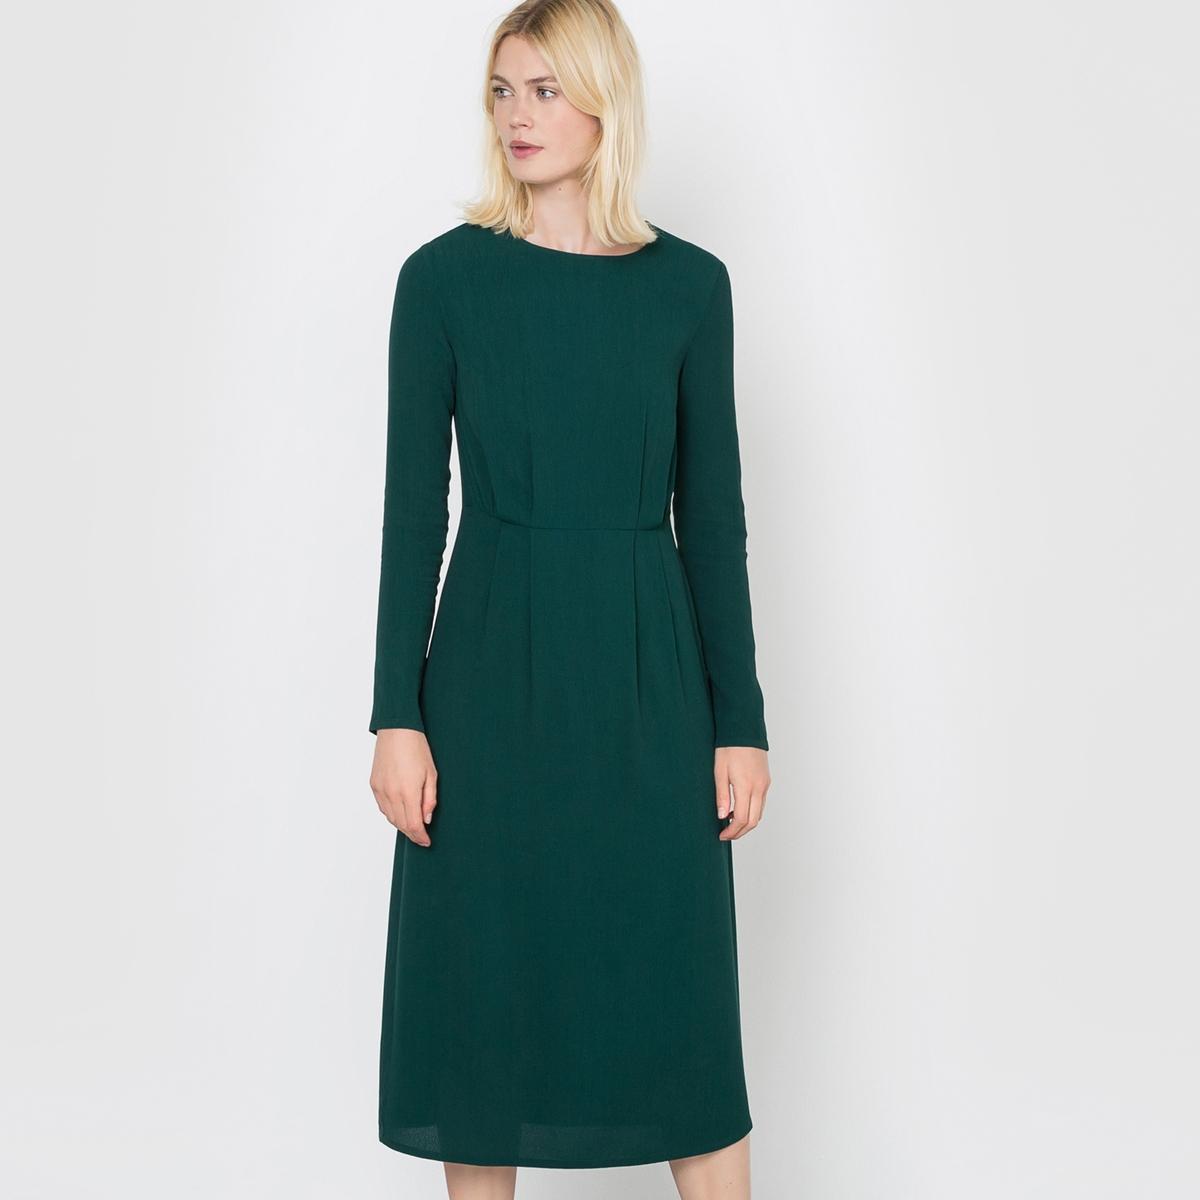 Платье длинное из крепаСостав и описаниеМатериал : 100% вискозаДлина : 115 см.Марка : R studio.Уход:Машинная стирка при 30 °C в деликатном режимеСтирать с вещами схожих цветовСтирать и гладить с изнанкиГладить при низкой температуре.Запрещено отбеливаниеМашинная сушка запрещена<br><br>Цвет: темно-зеленый<br>Размер: 40 (FR) - 46 (RUS).36 (FR) - 42 (RUS).38 (FR) - 44 (RUS).42 (FR) - 48 (RUS)